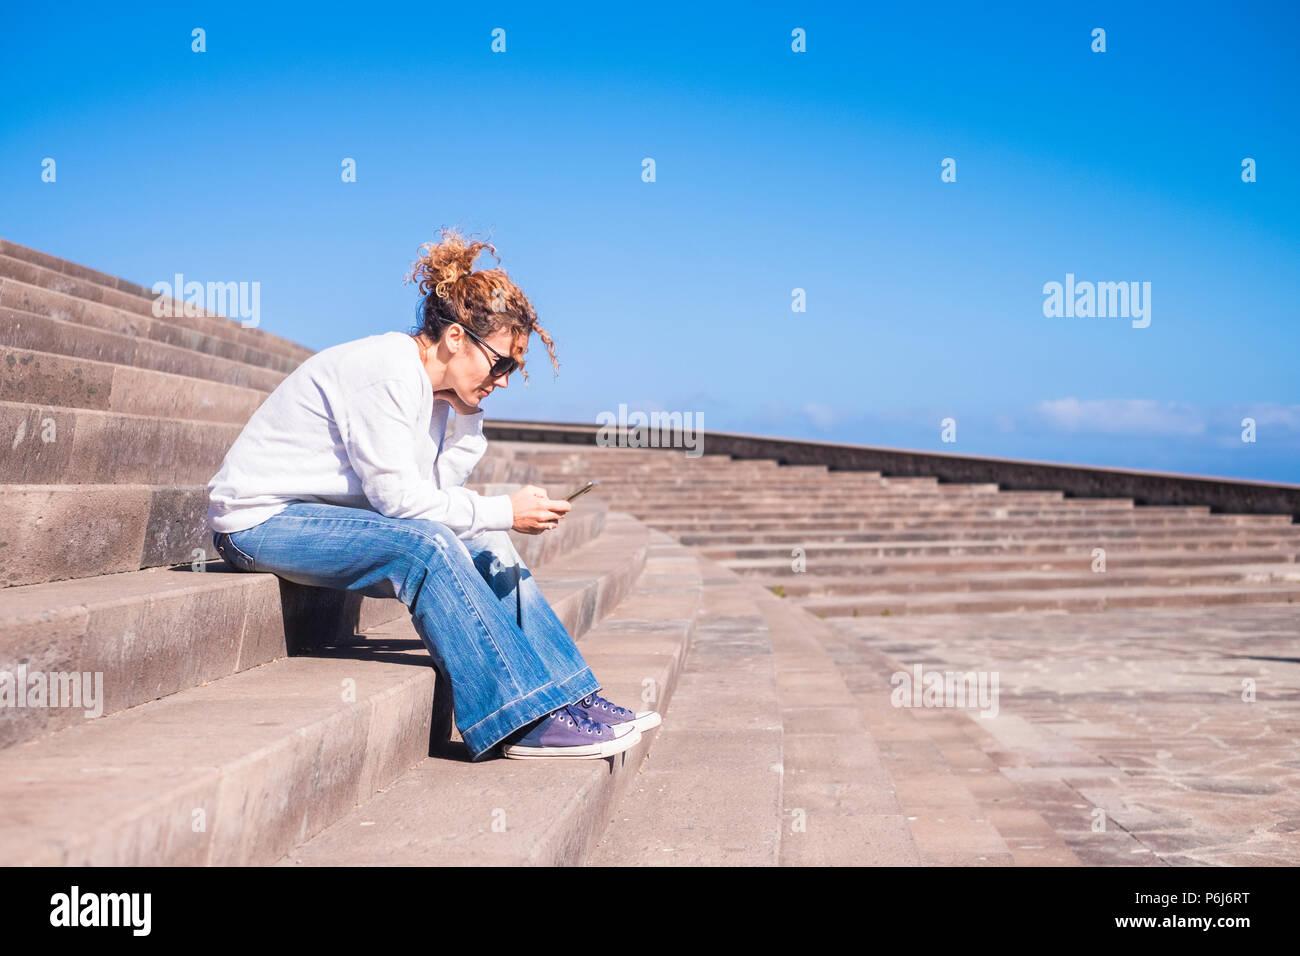 Einsame Frau mittleren Alters bei der Arbeit mit einem Smartphone sitzt auf einem langen schönen Treppen in städtischen Wettbewerb. Freizeitaktivitäten mit tehnology Konzept für die moderne Dame Stockbild